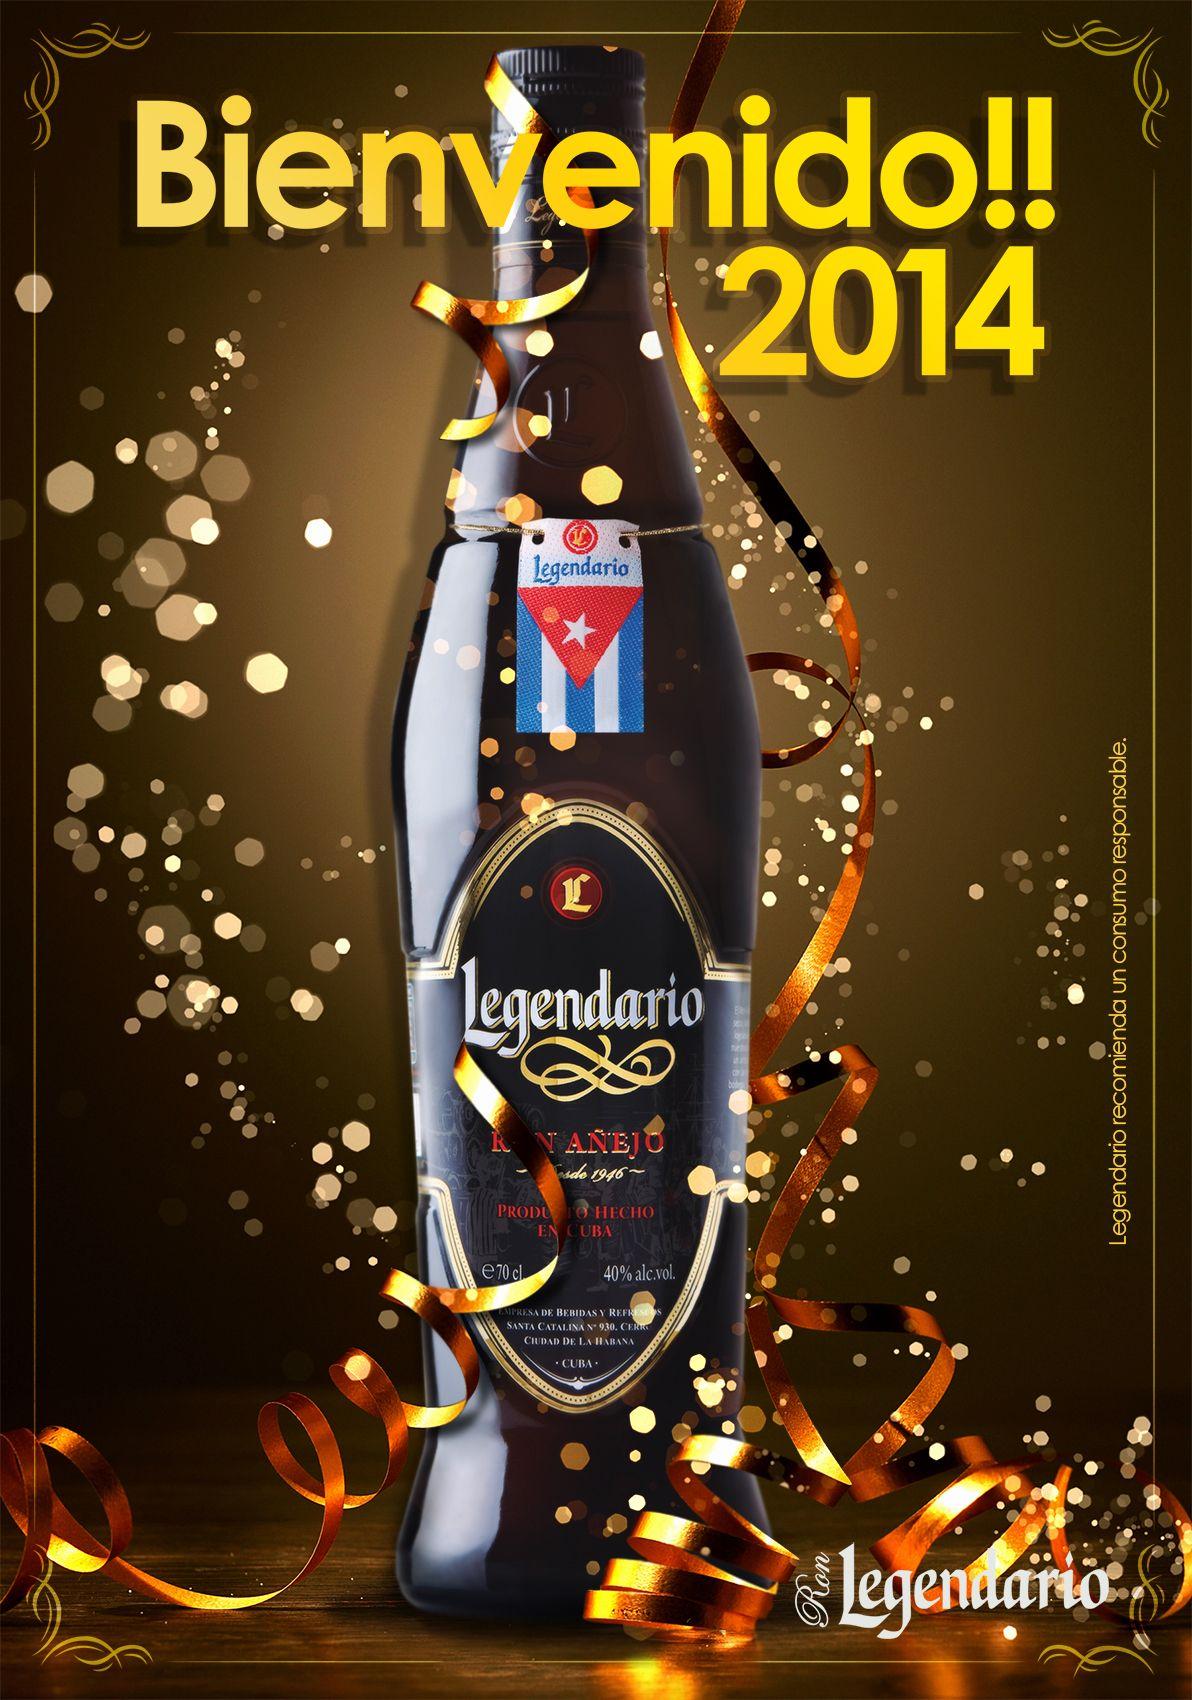 Bienvenido 2014!!